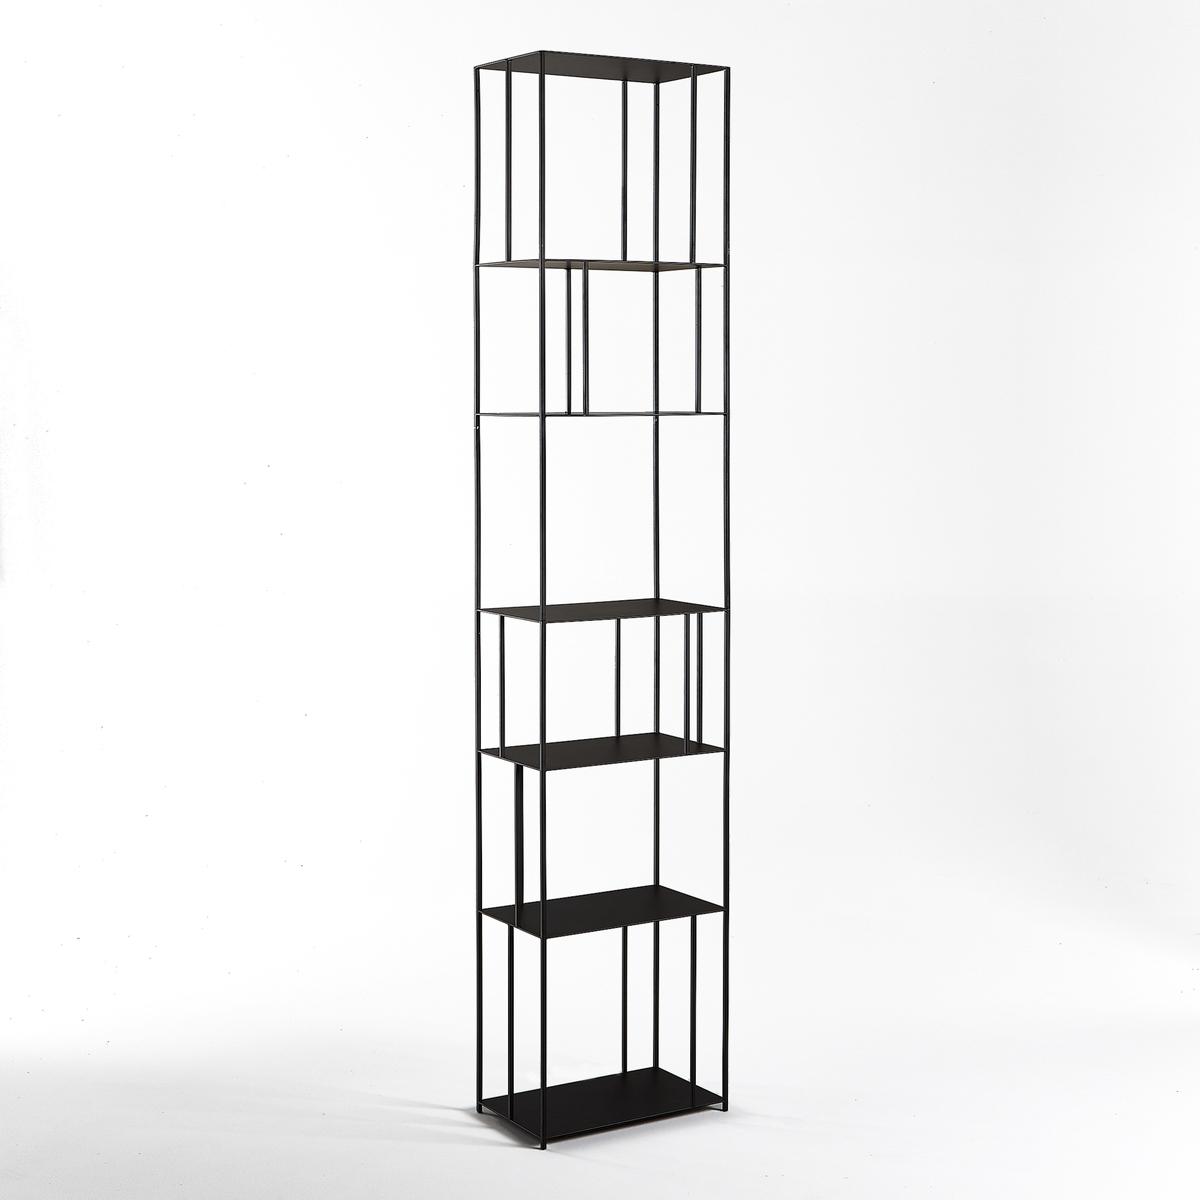 Стеллаж La Redoute Книжный из металла В см Parallel XL единый размер черный